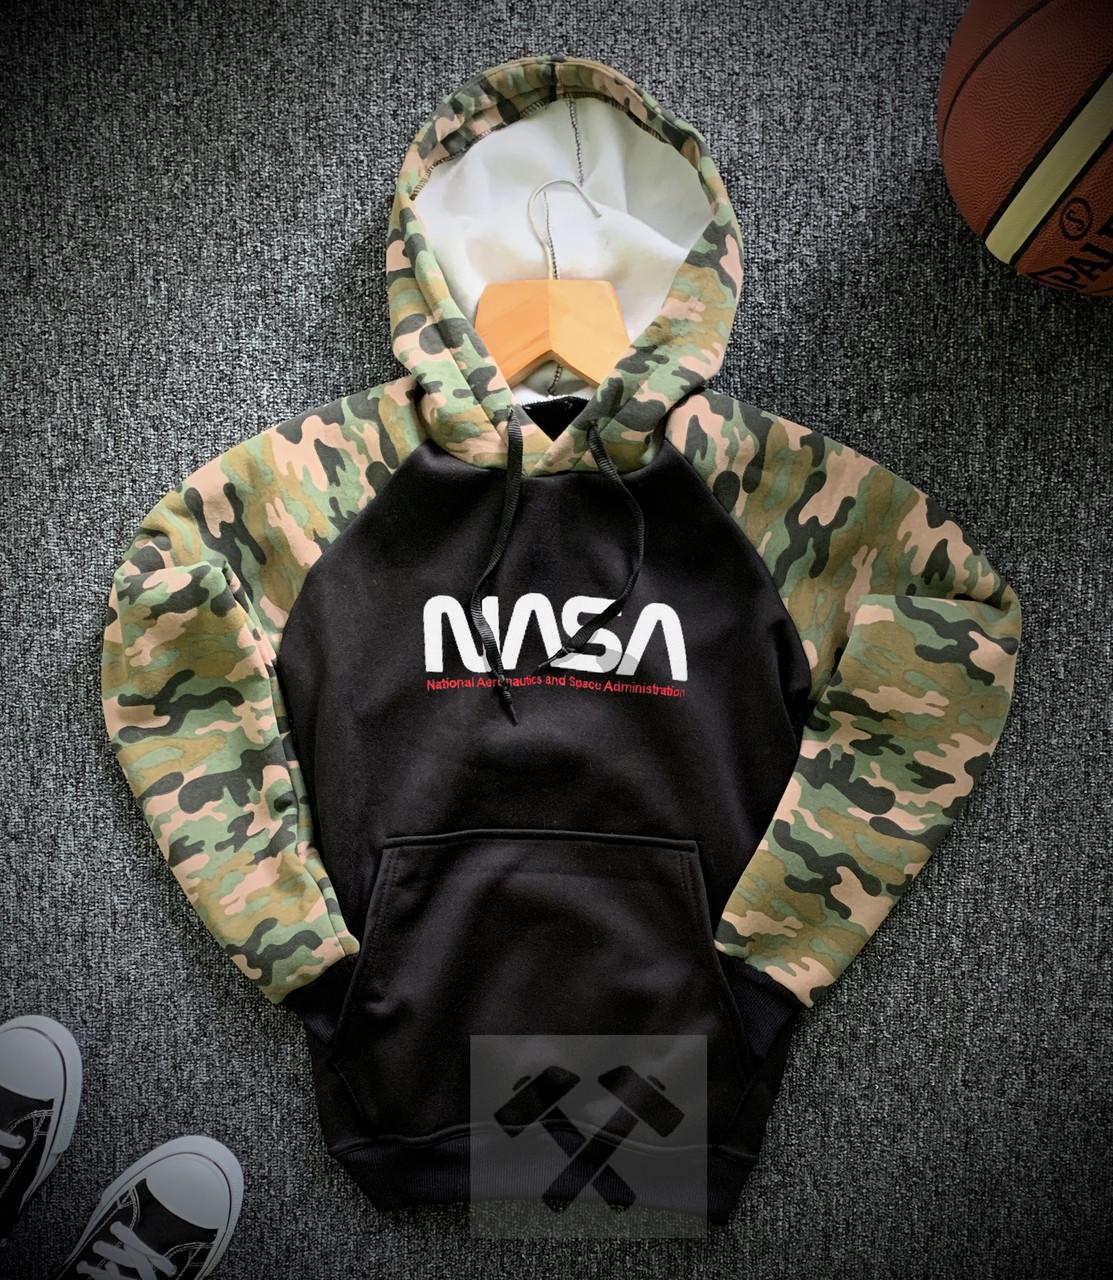 Кофта худи NASA камуфляжно-черная на флисе